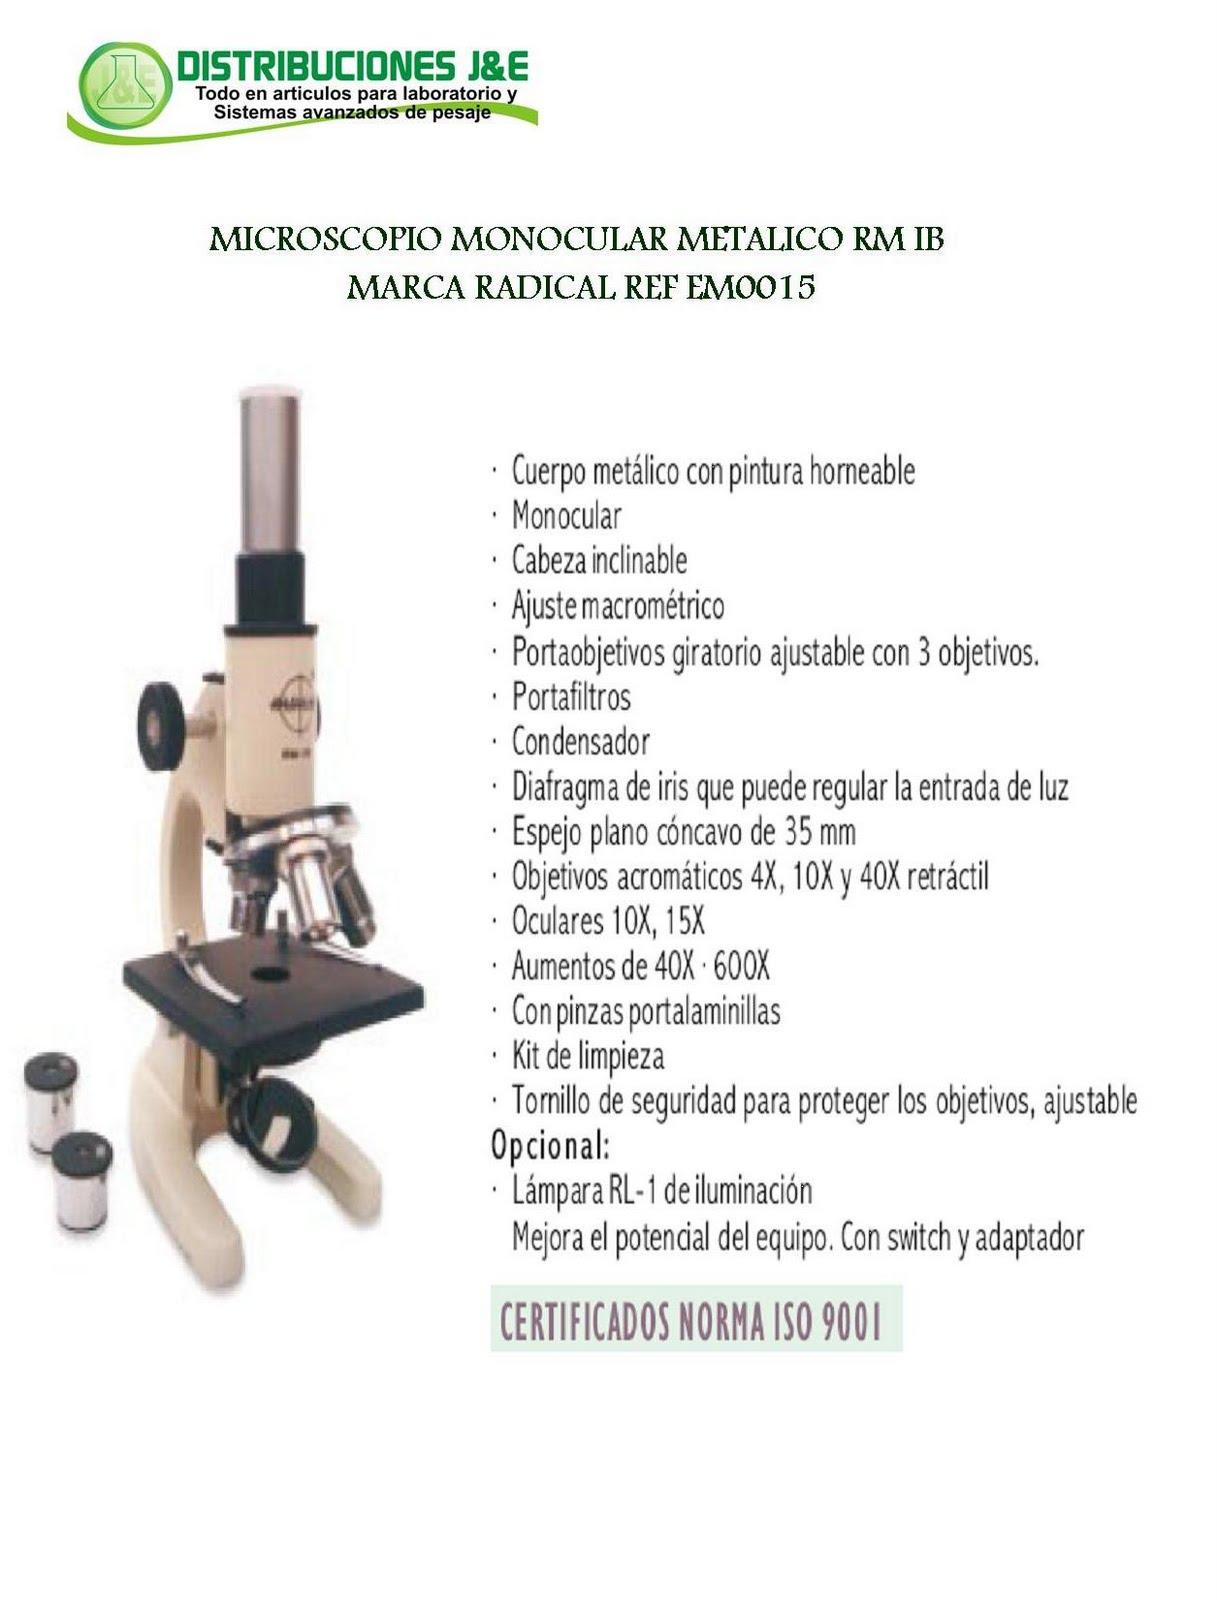 Imagenes De Microscopios